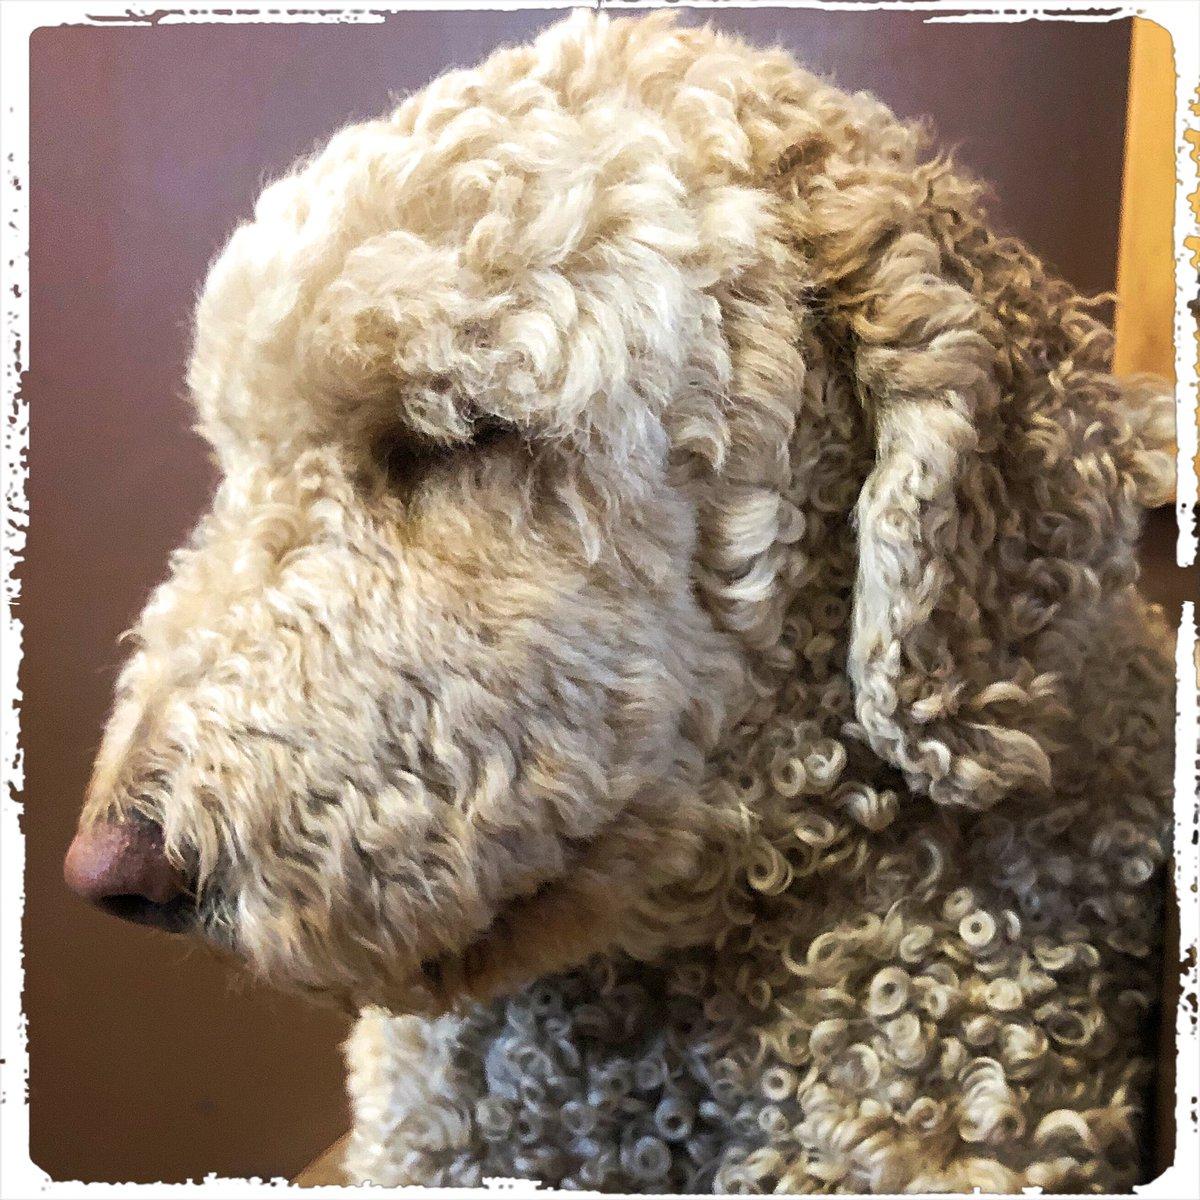 Jaimie wishes you a nice Weekend  .  #doglover #ilovemydog #instadog  #meinhund #dogs_of_world #dogsearth #puppies #hund #hundeliebe #dogislove #trustrespectlove #hundeland #hundeblog #lieblingshund #lebenmithund #fellnase  #besterhund #dogsneeddogs #doggy #dogs #besterhundpic.twitter.com/scSjzAd5Ke